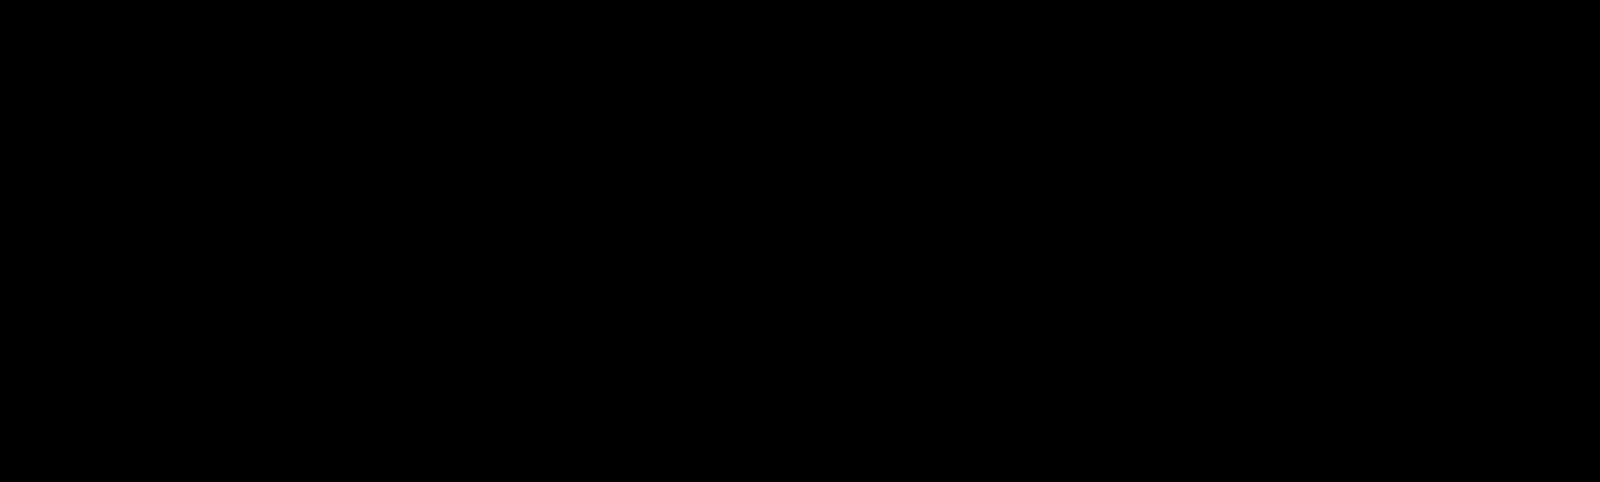 Skyline SVG Clip arts